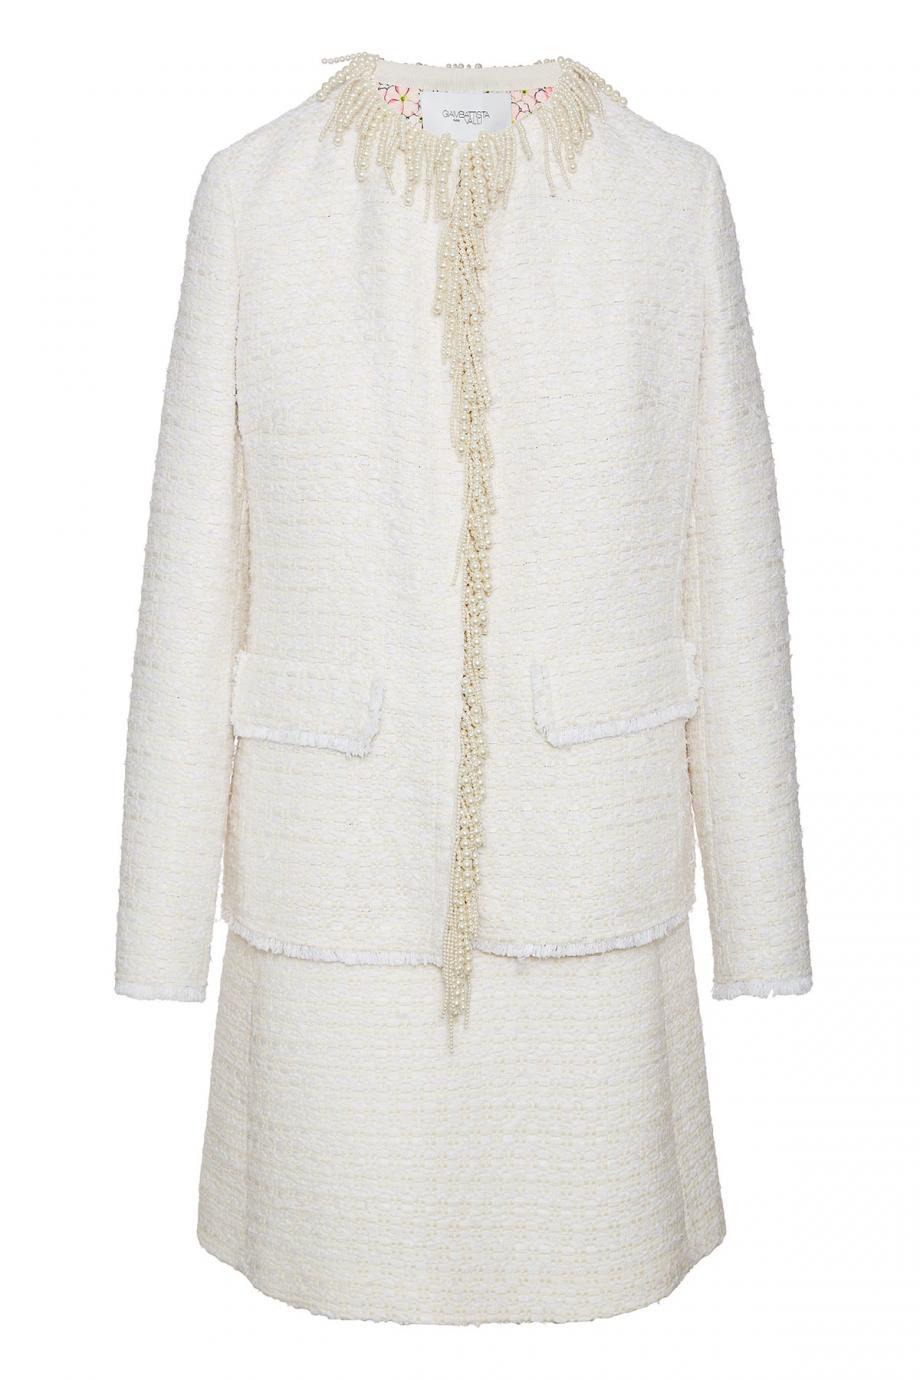 Pearl-embellished tweed jacket